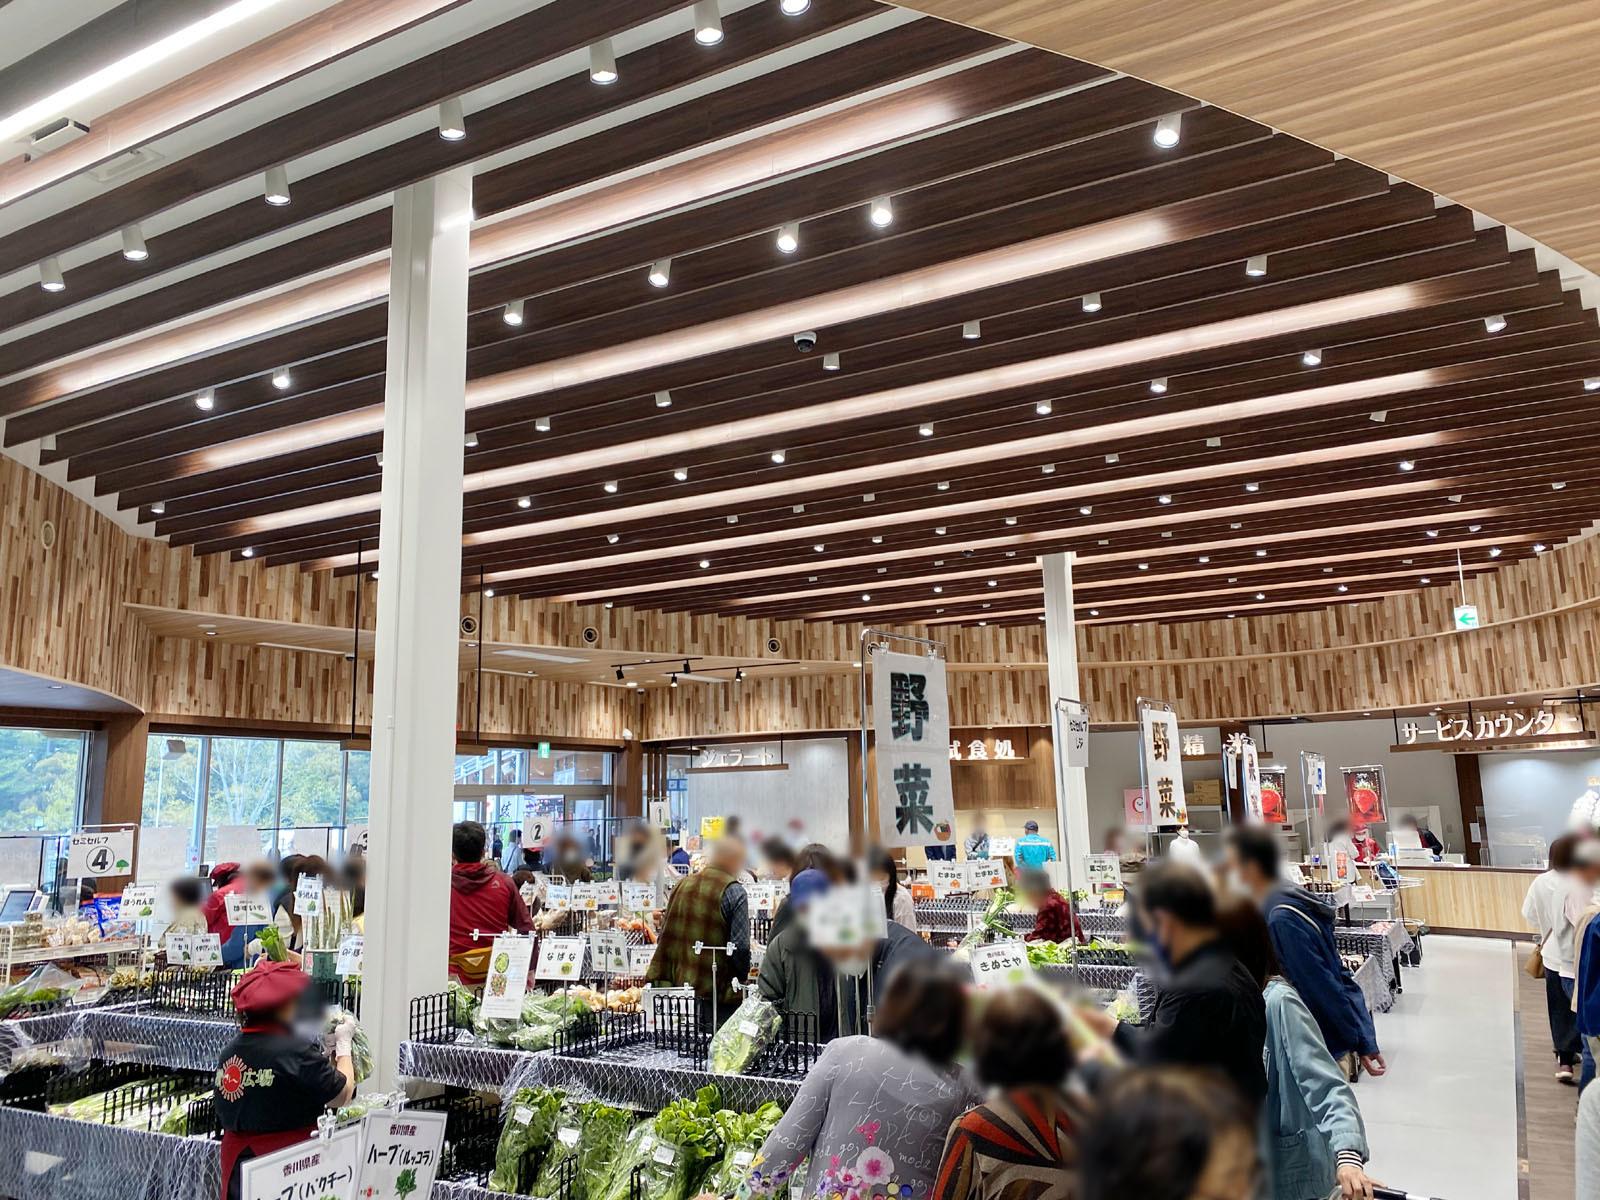 讃さん広場 滝宮店